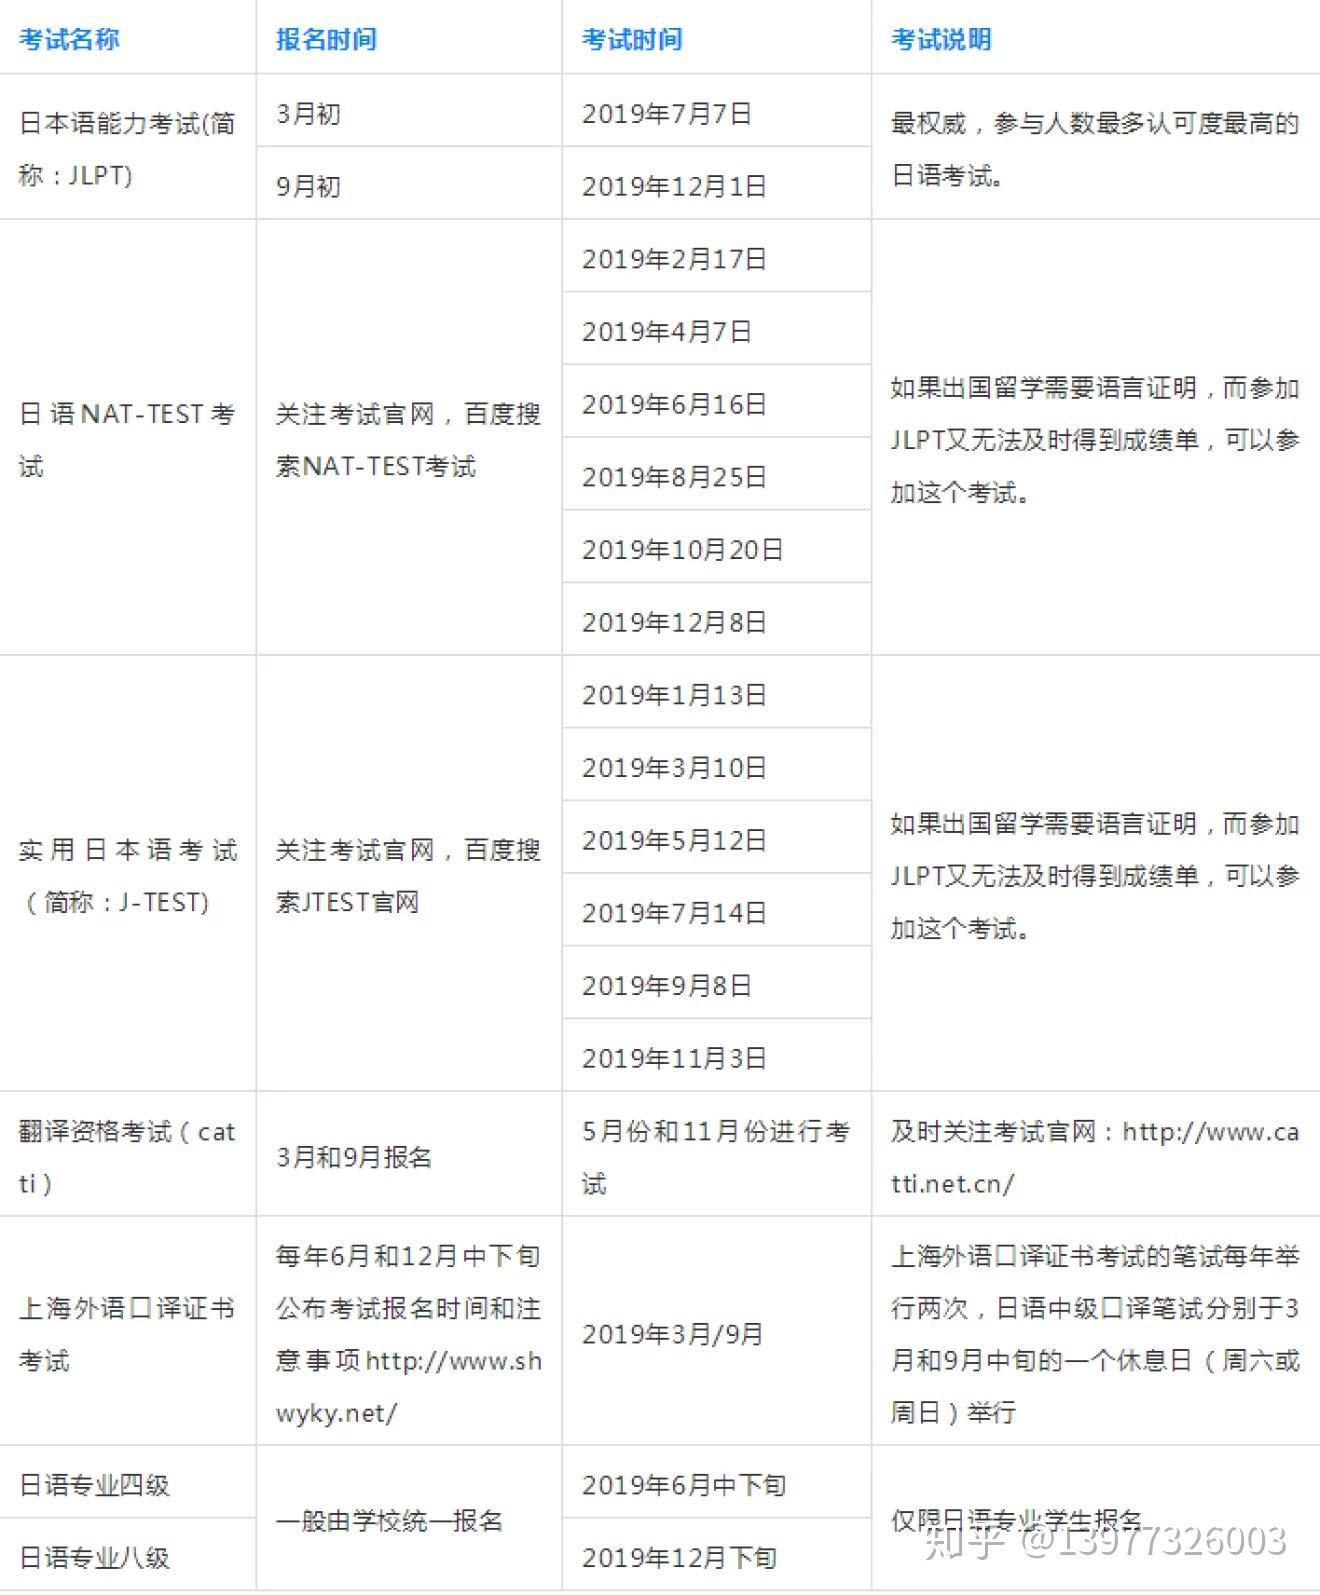 日语能力考报名费用_2019年各类日语考试报名与考试时间汇总以及考试常见问题解答 ...